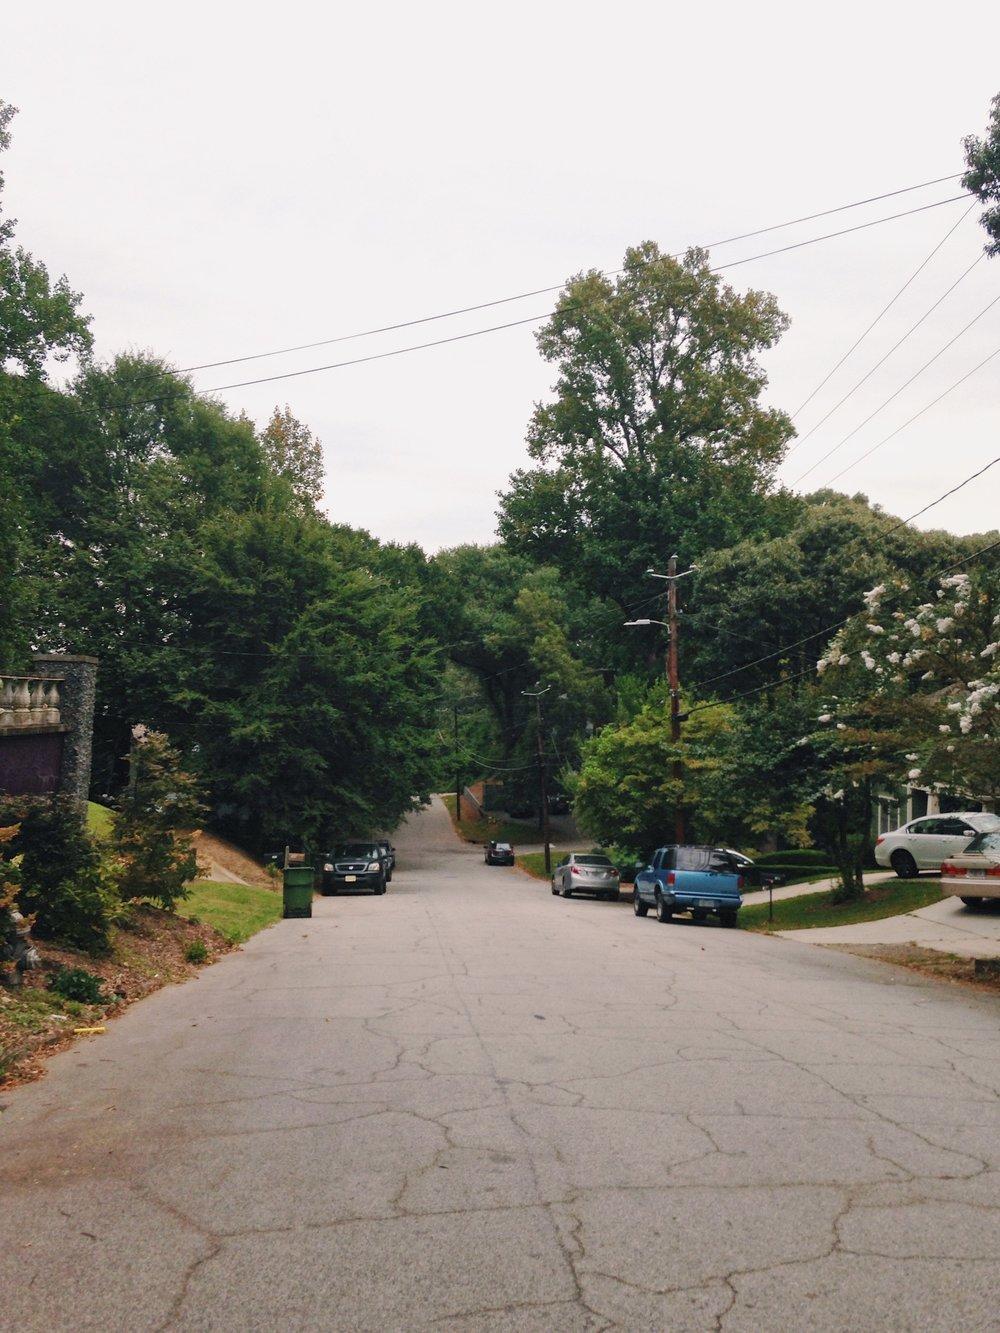 Atlanta, Georgia. © E.A. Crunden